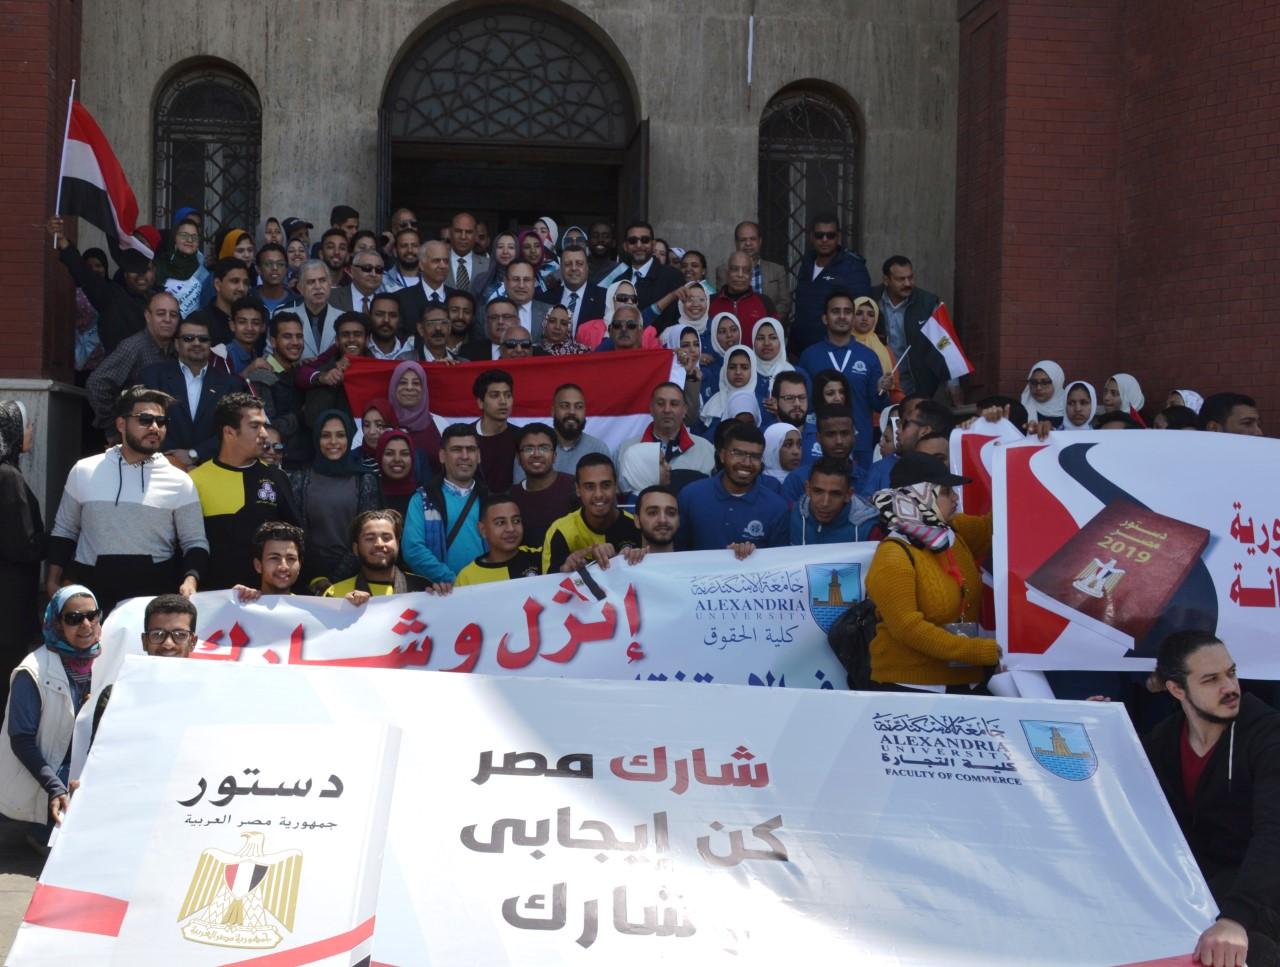 المحافظ ورئيس الجامعه بوقفة تاييد التعديلات